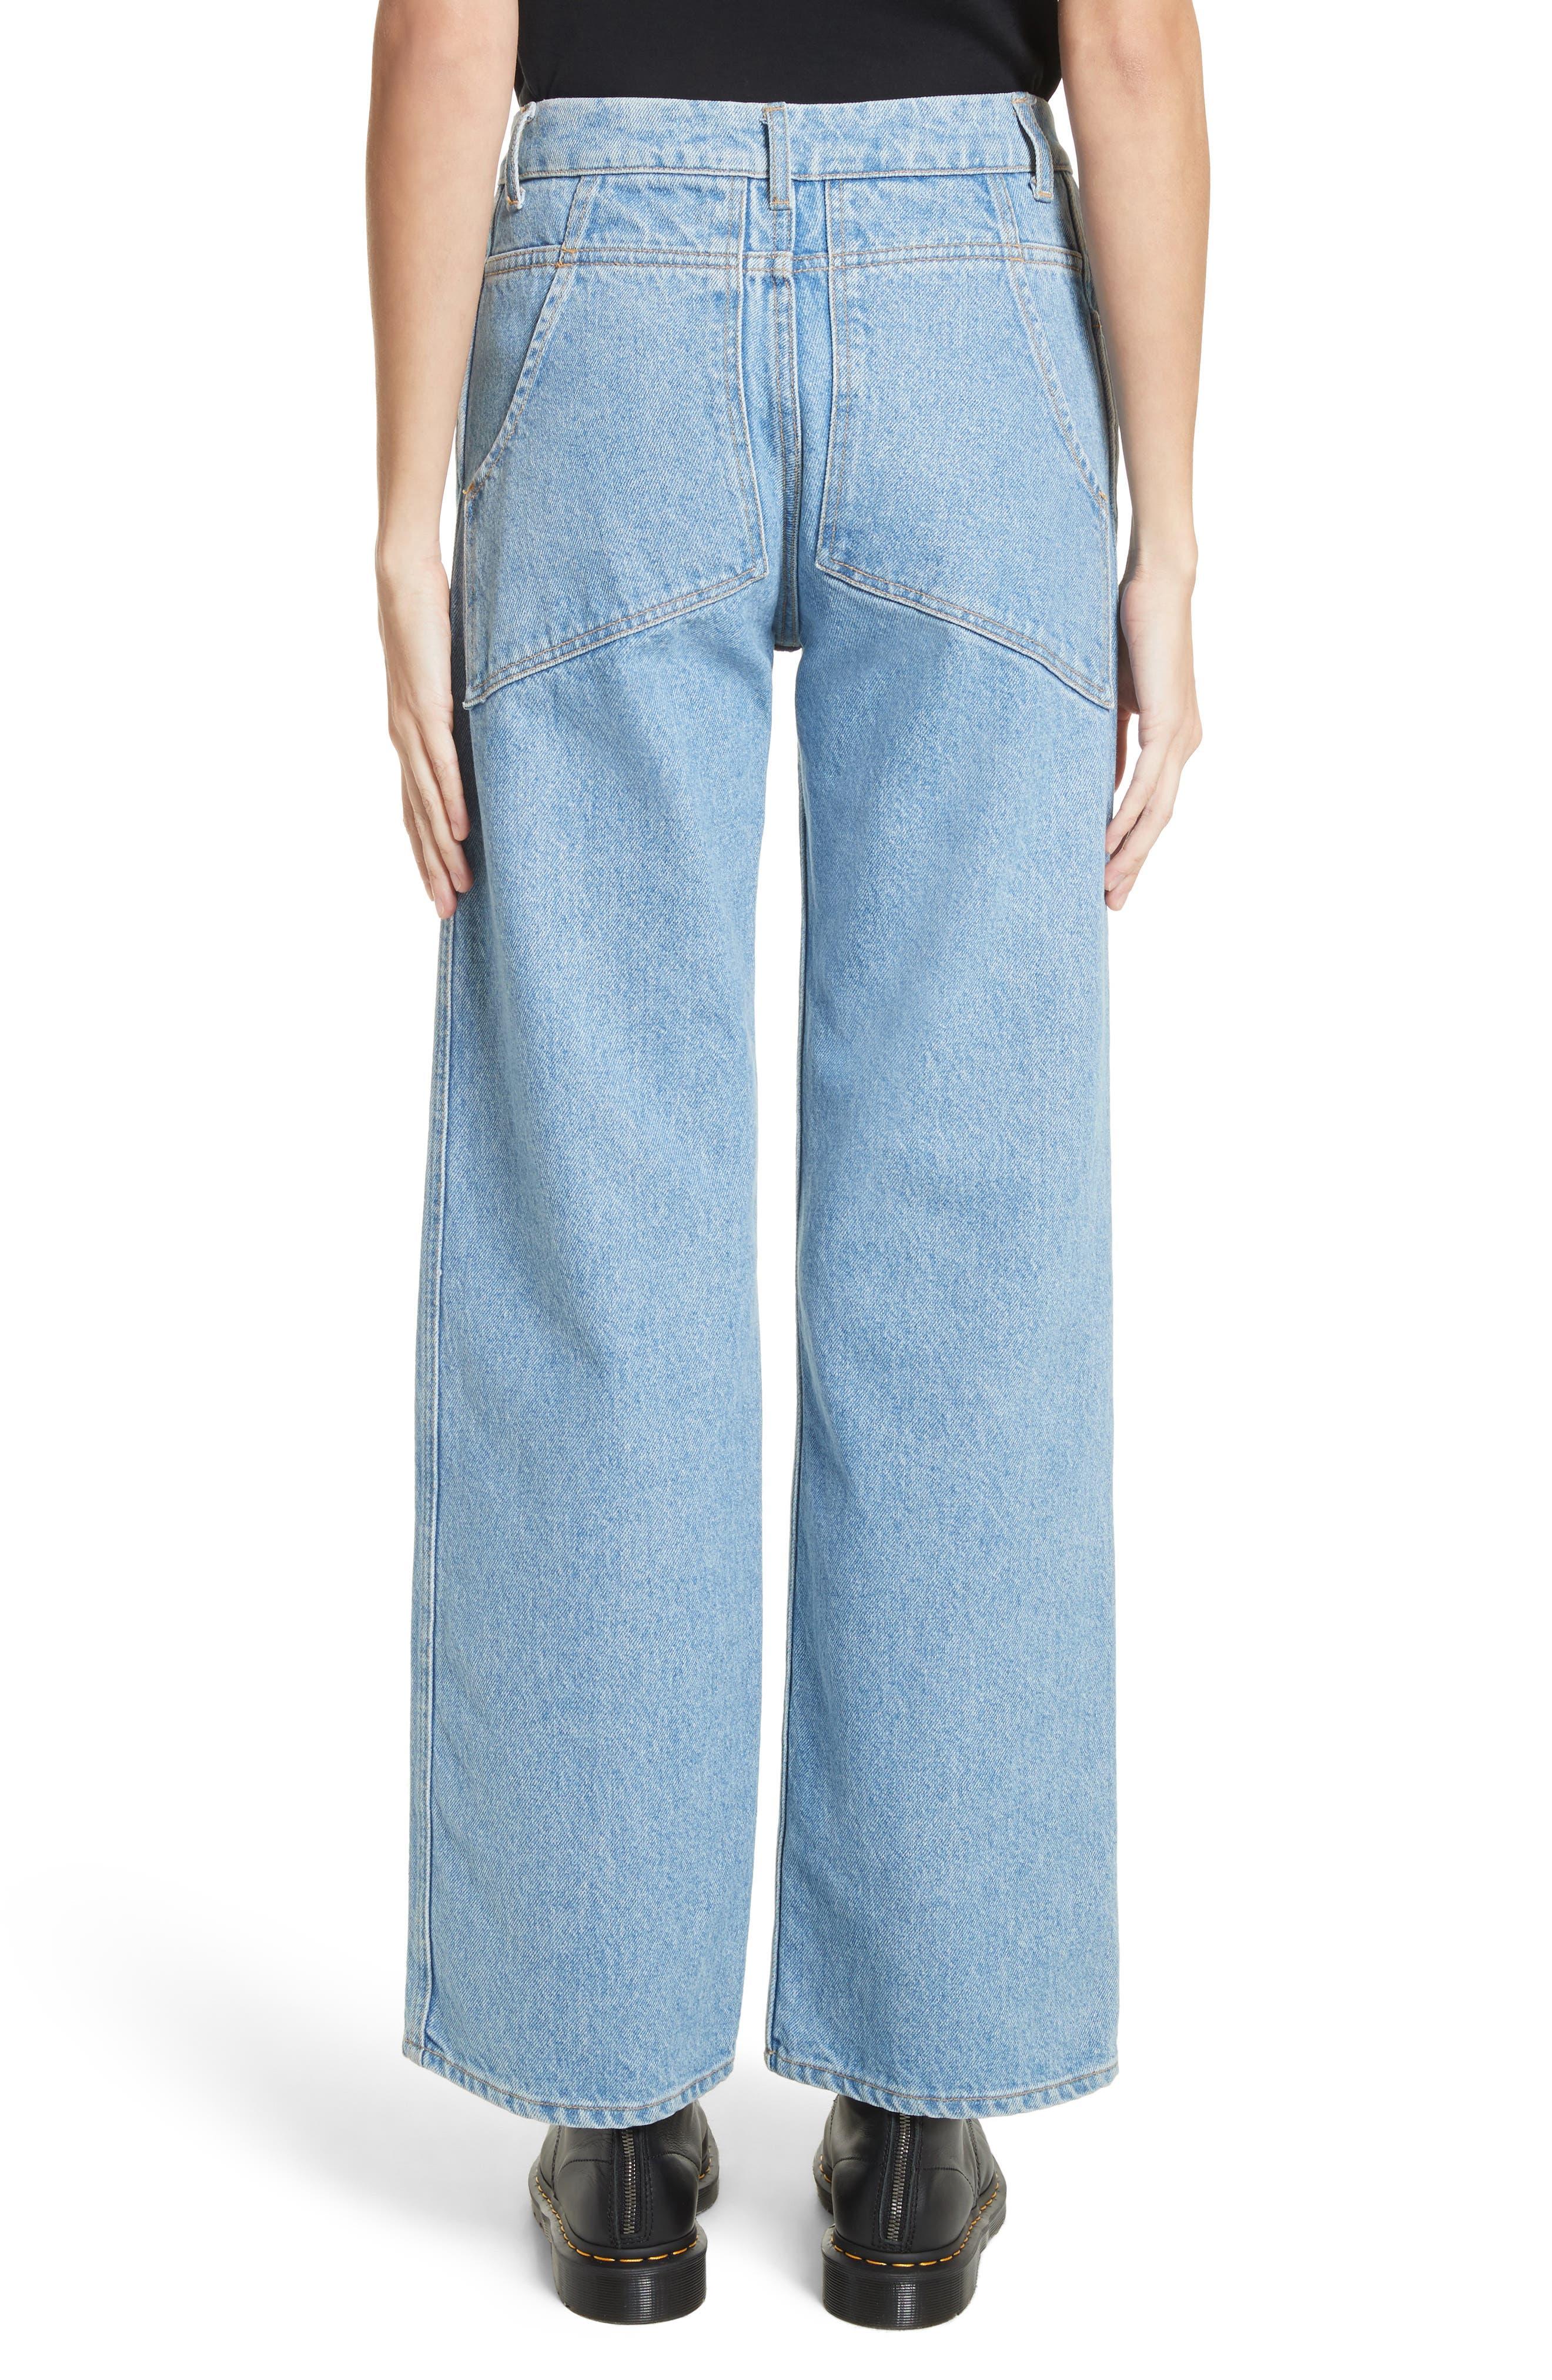 EL Wide Leg Jeans,                             Alternate thumbnail 2, color,                             True Blue